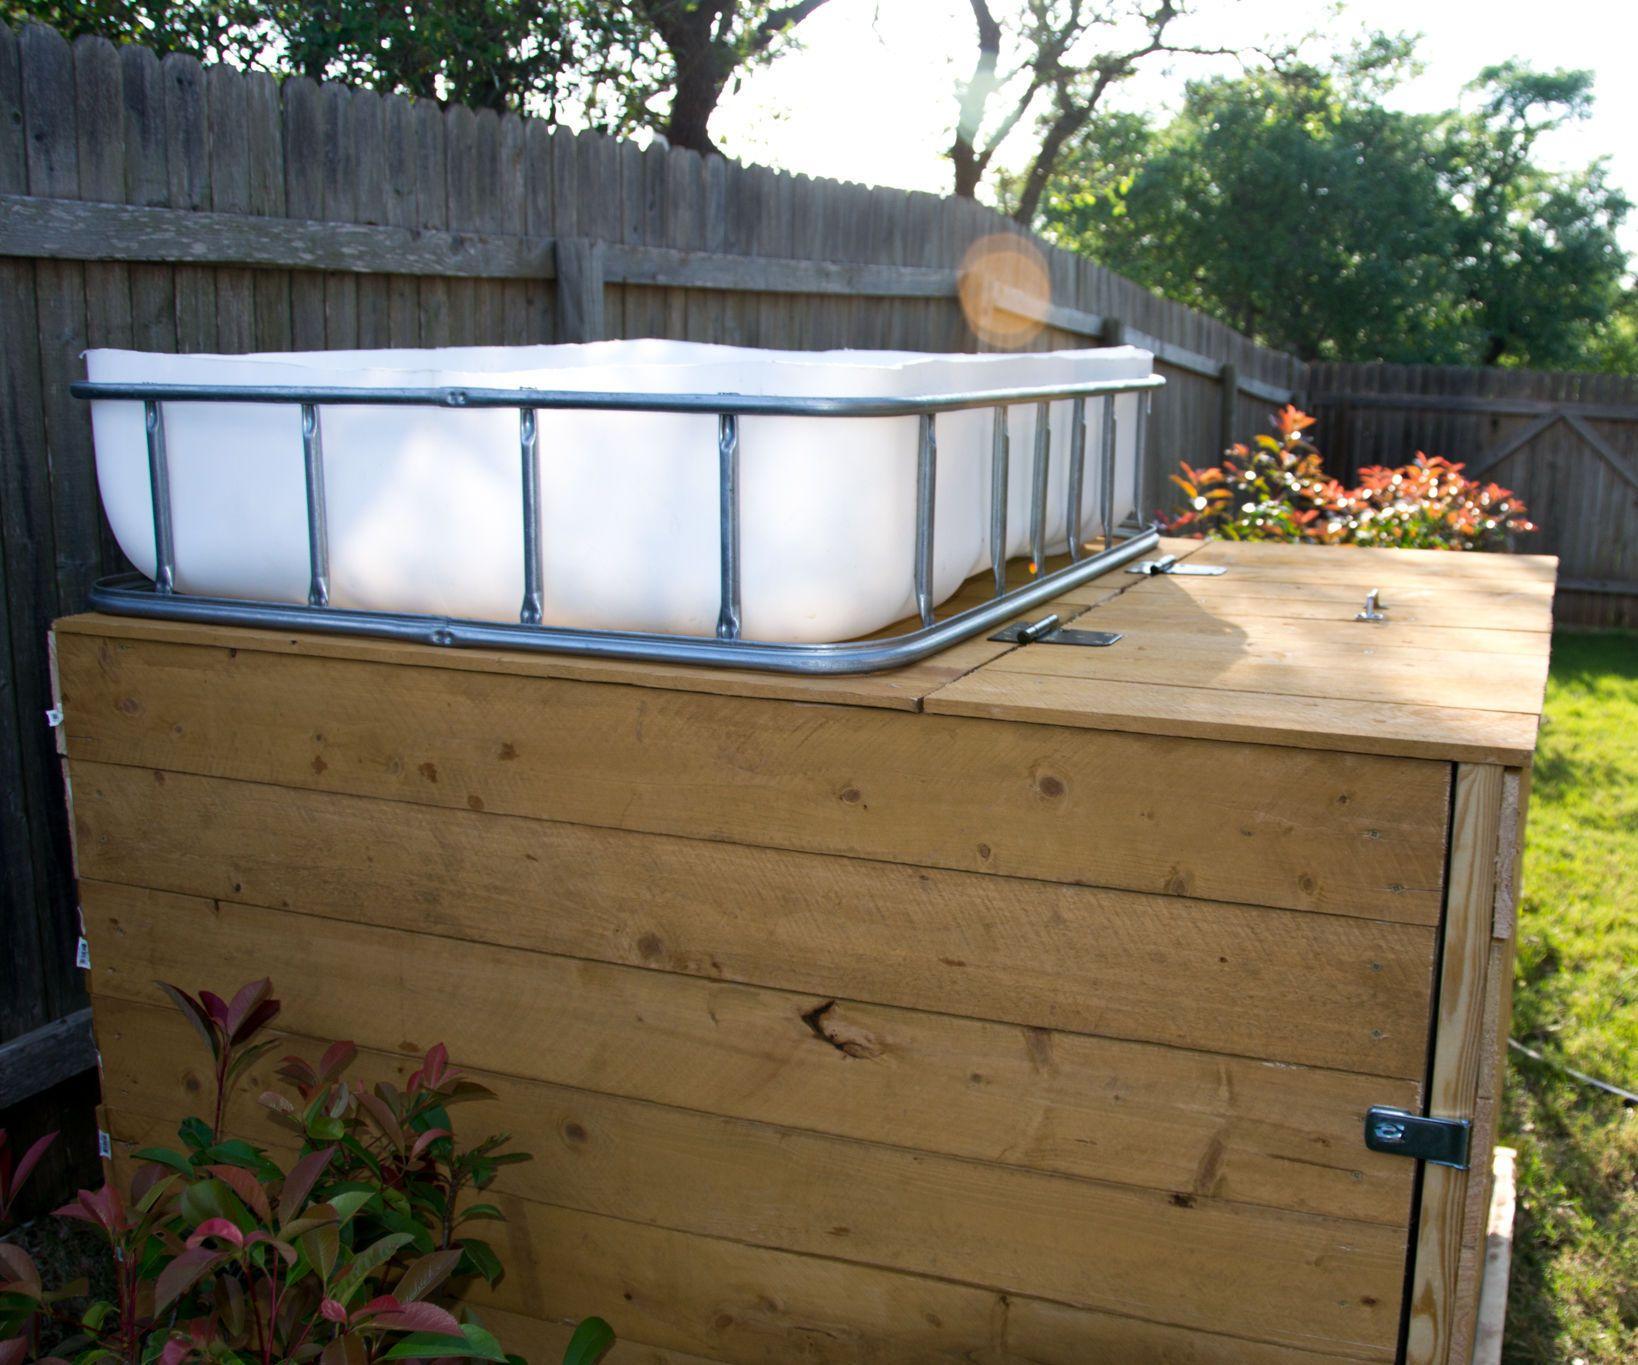 raspberry pi controlled aquaponics aquaponics hydroponic